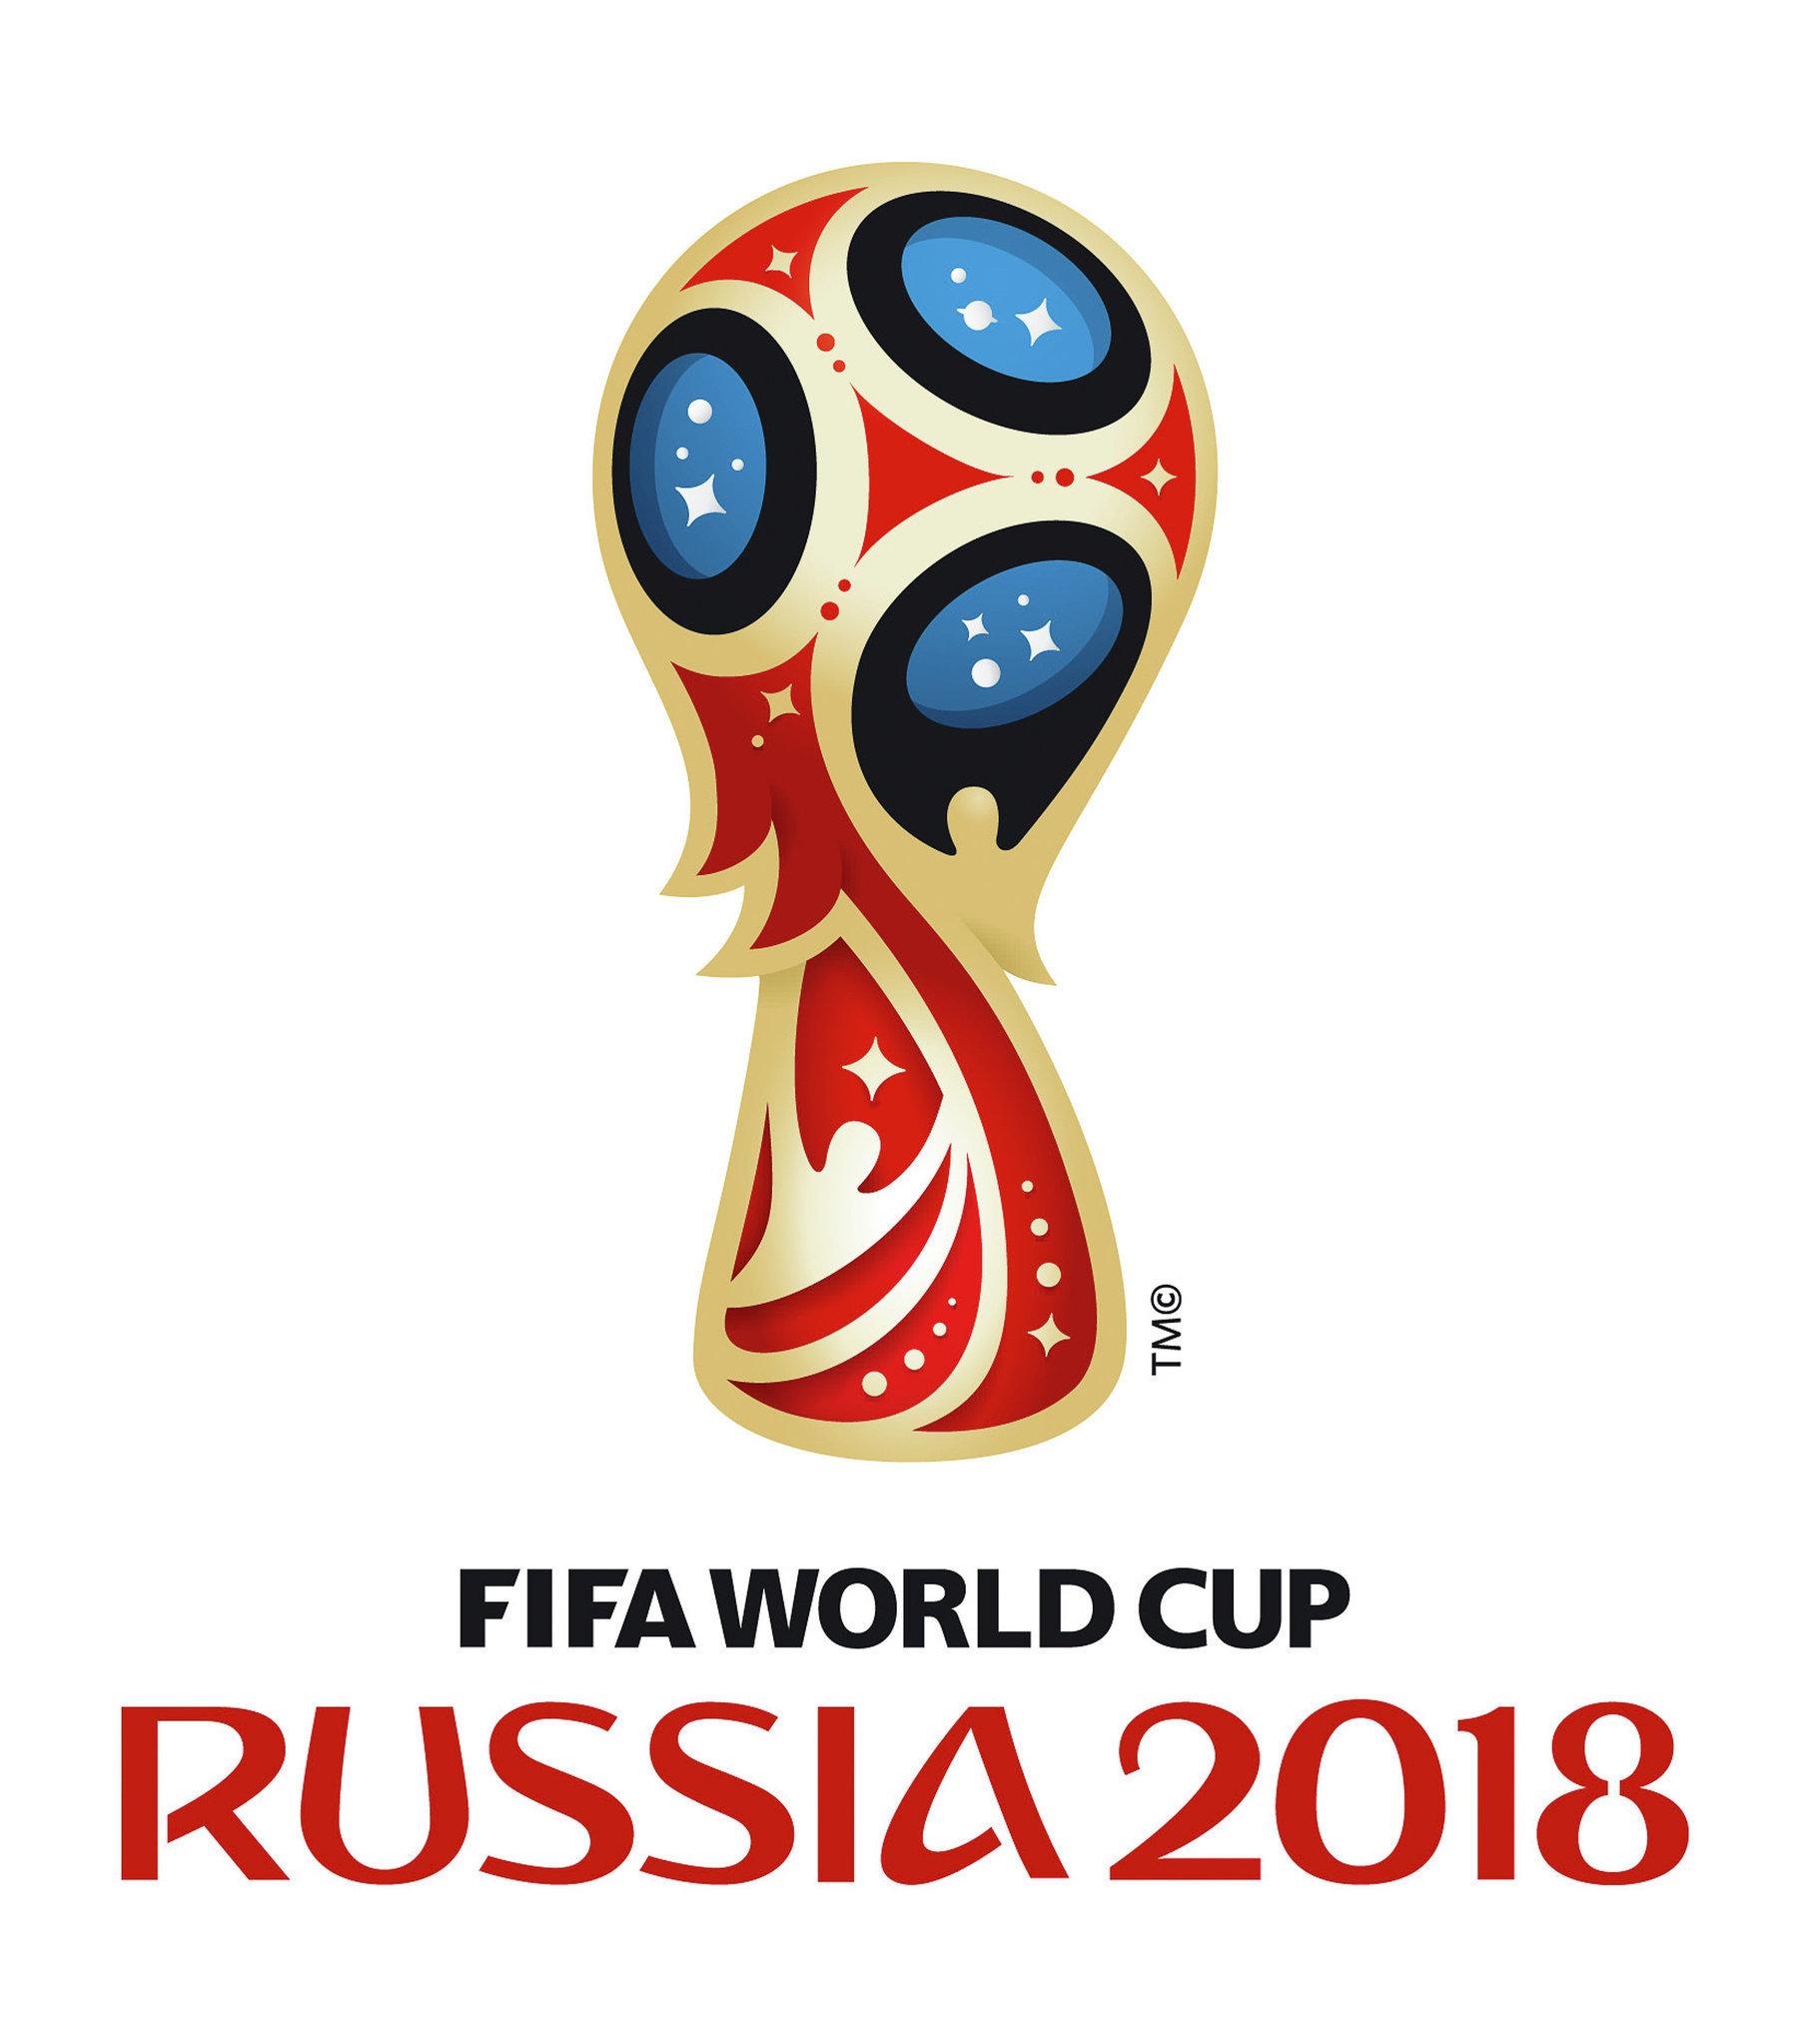 Официальный логотип чемпионата мира 2018 по футболу